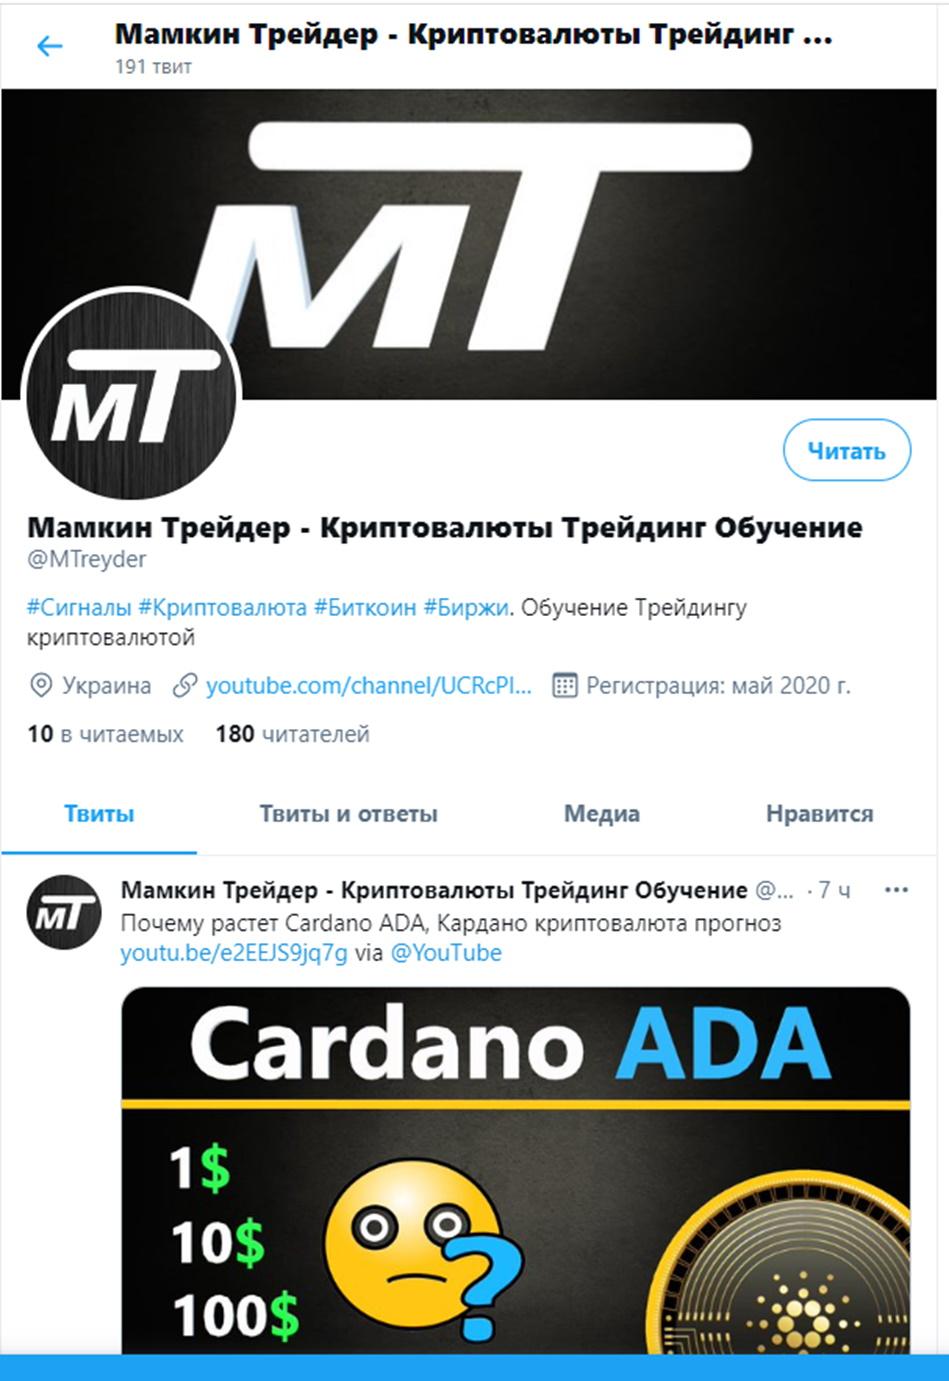 Твиттер-канал